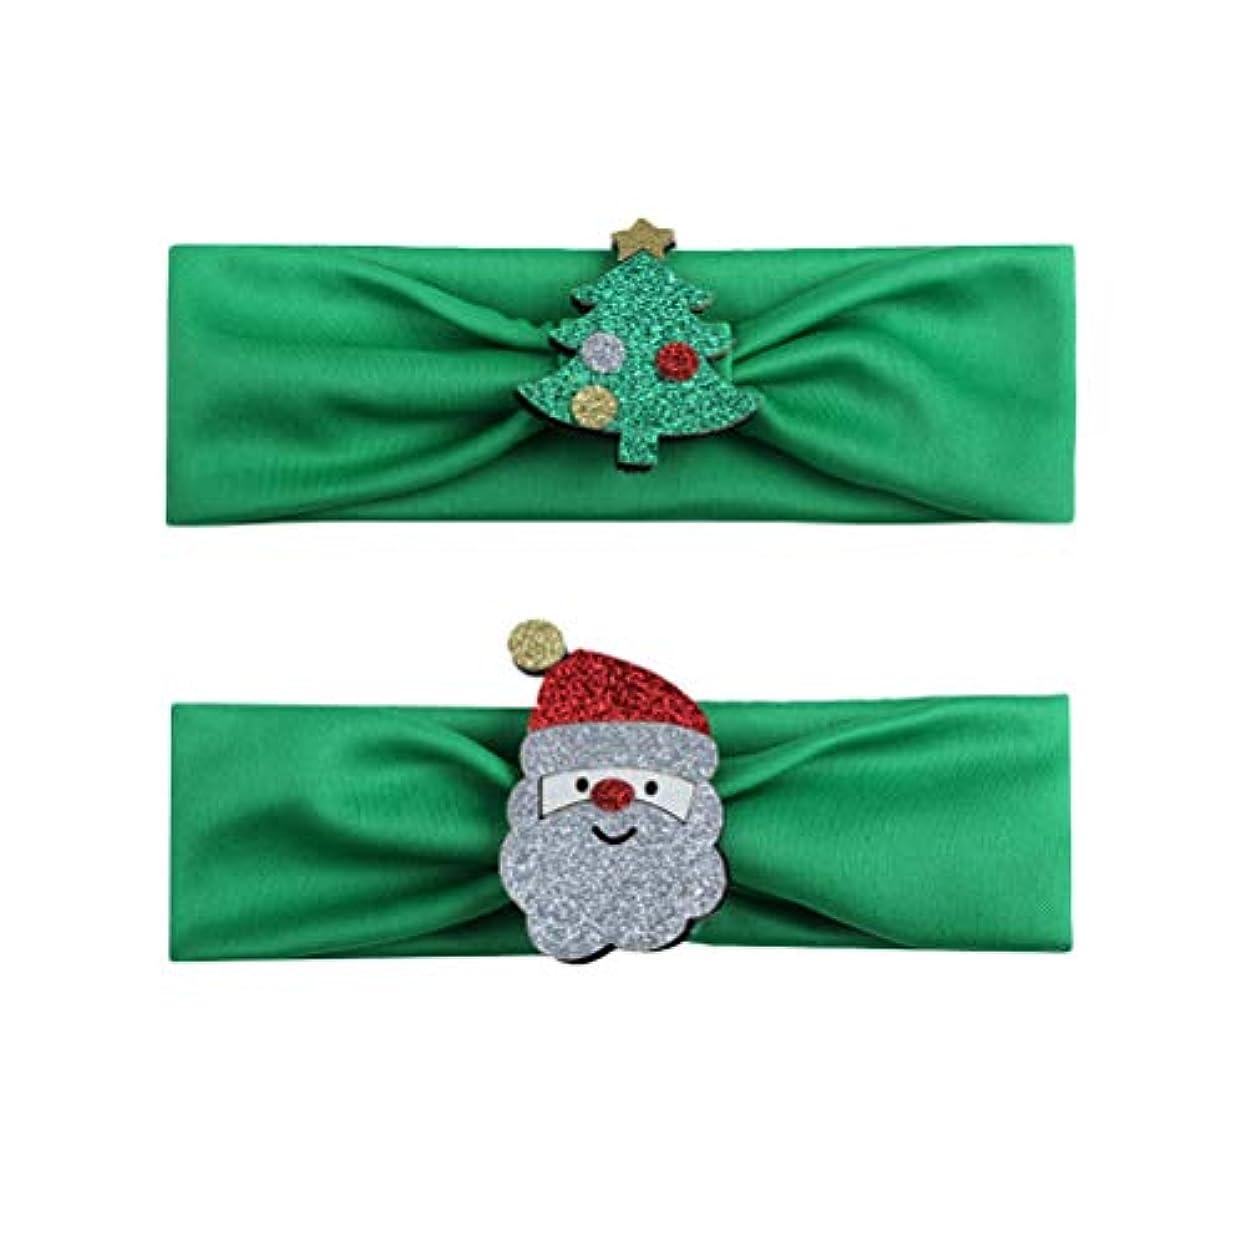 数値政令動機付けるBESTOYARD 2本の赤ちゃんの少女クリスマスのヘッドバンド、クリスマスツリーサンタクロースの幼児ヘアバンドアクセサリー(グリーン)